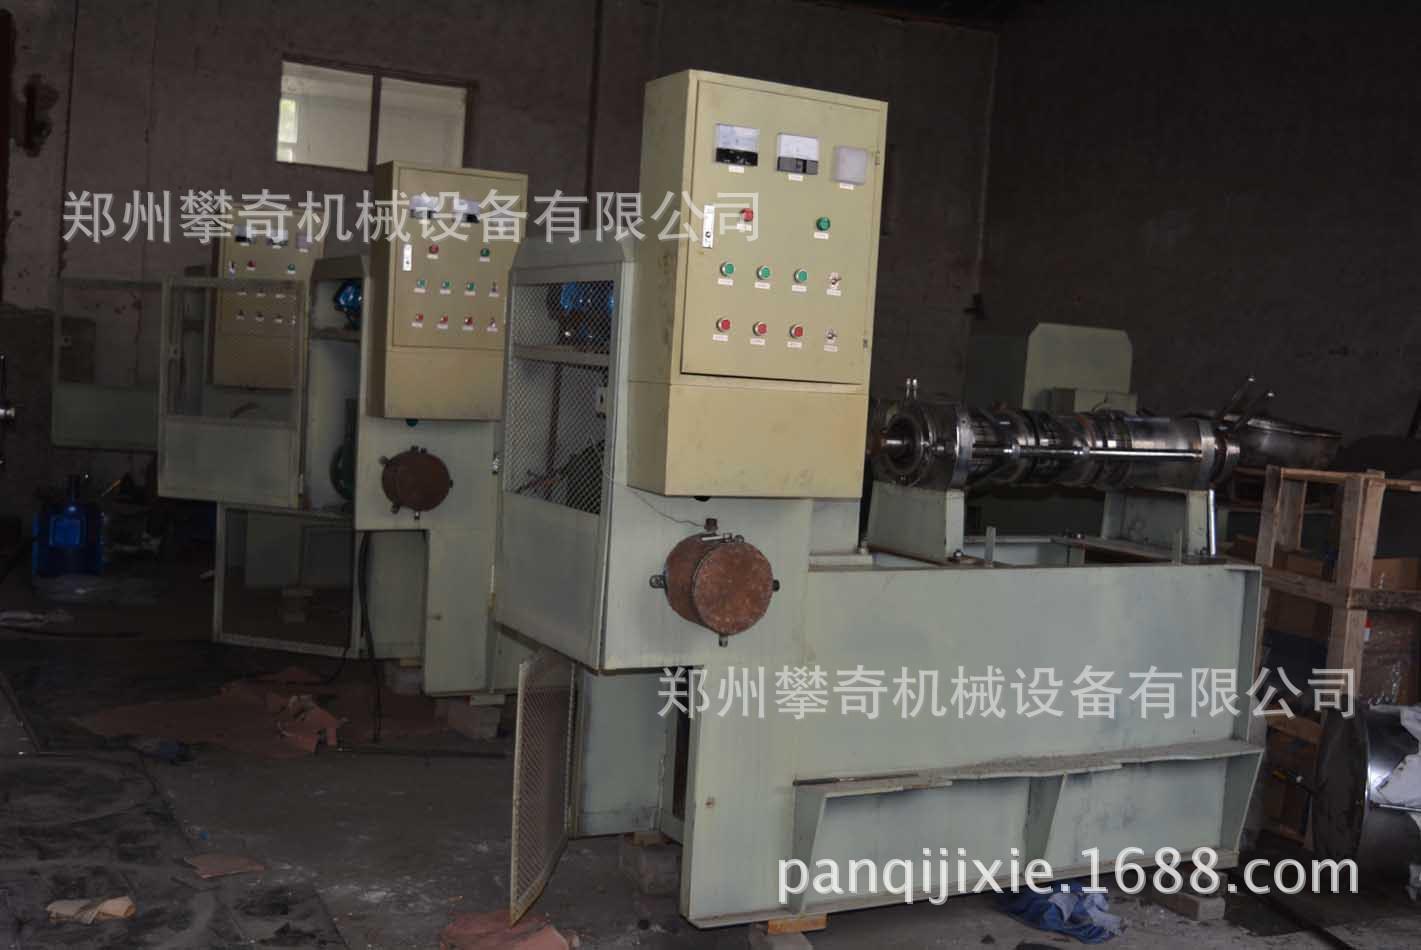 推荐高产量榨油机螺旋榨油机全自动榨油机设备示例图6